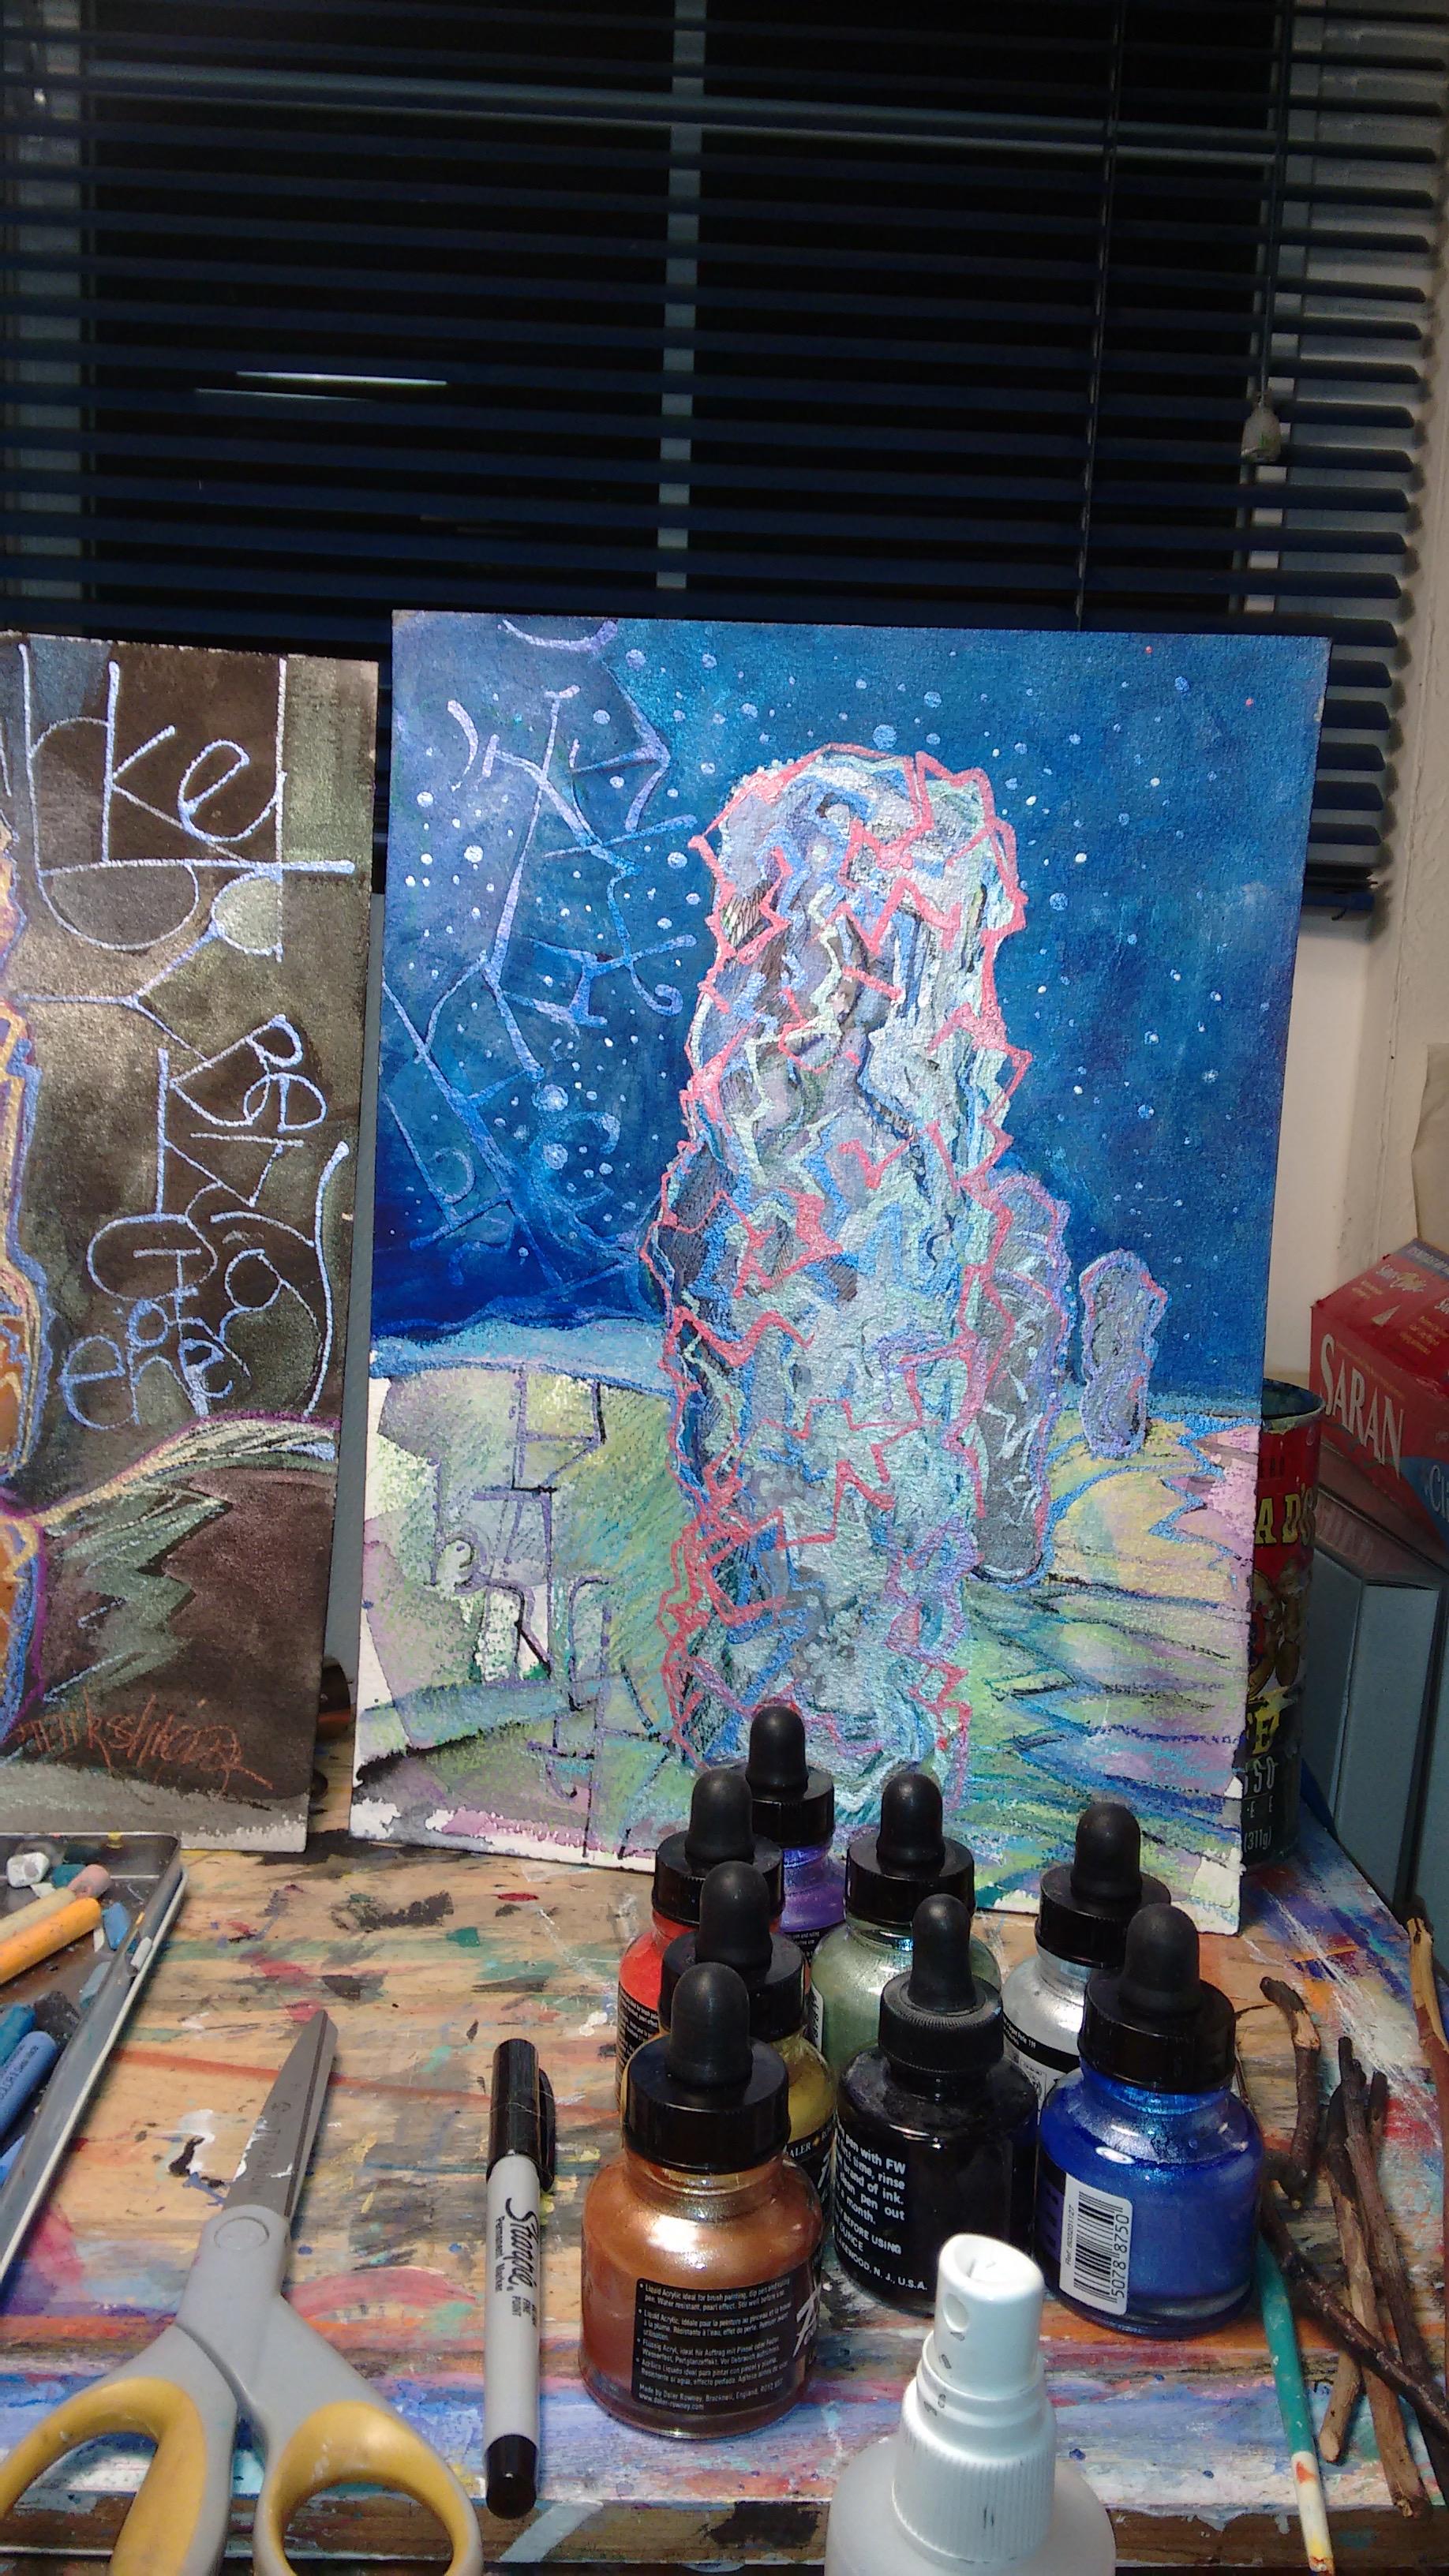 Beings of Energy - In Progress